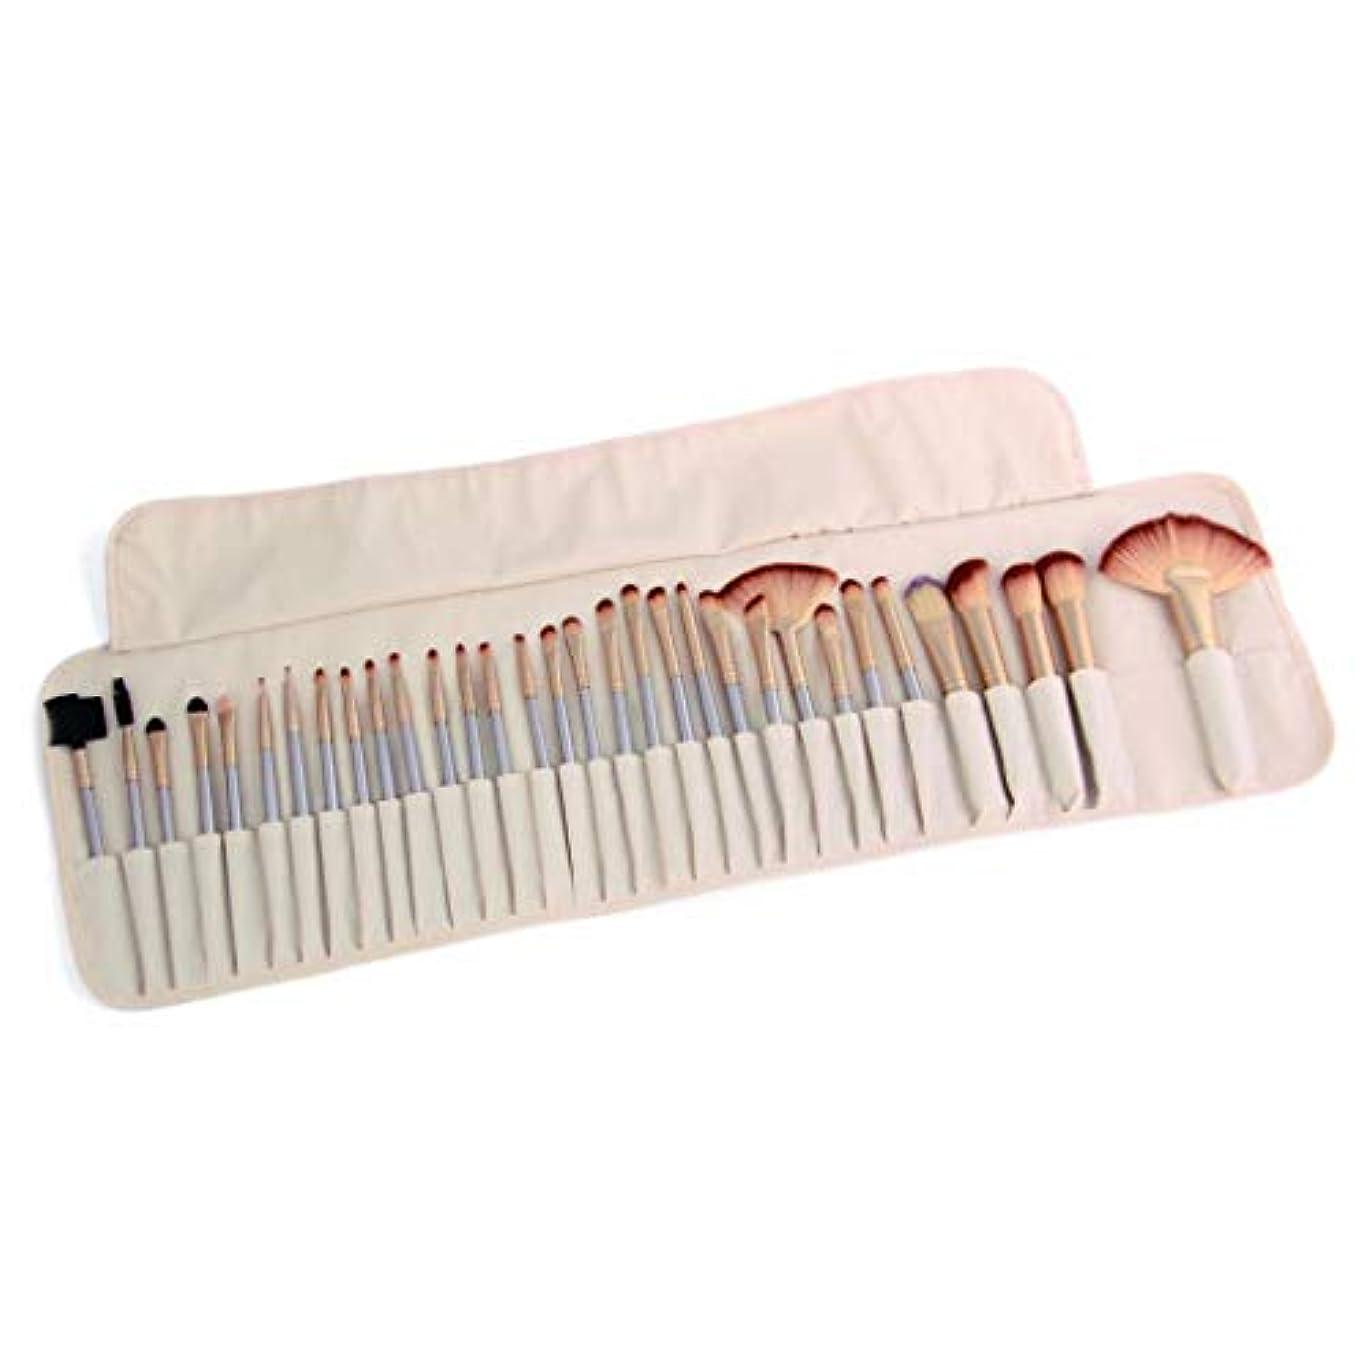 薄暗いずっと破壊的32化粧ブラシセットユニバーサル化粧道具アイシャドウブラシファンデーションブラシ,White